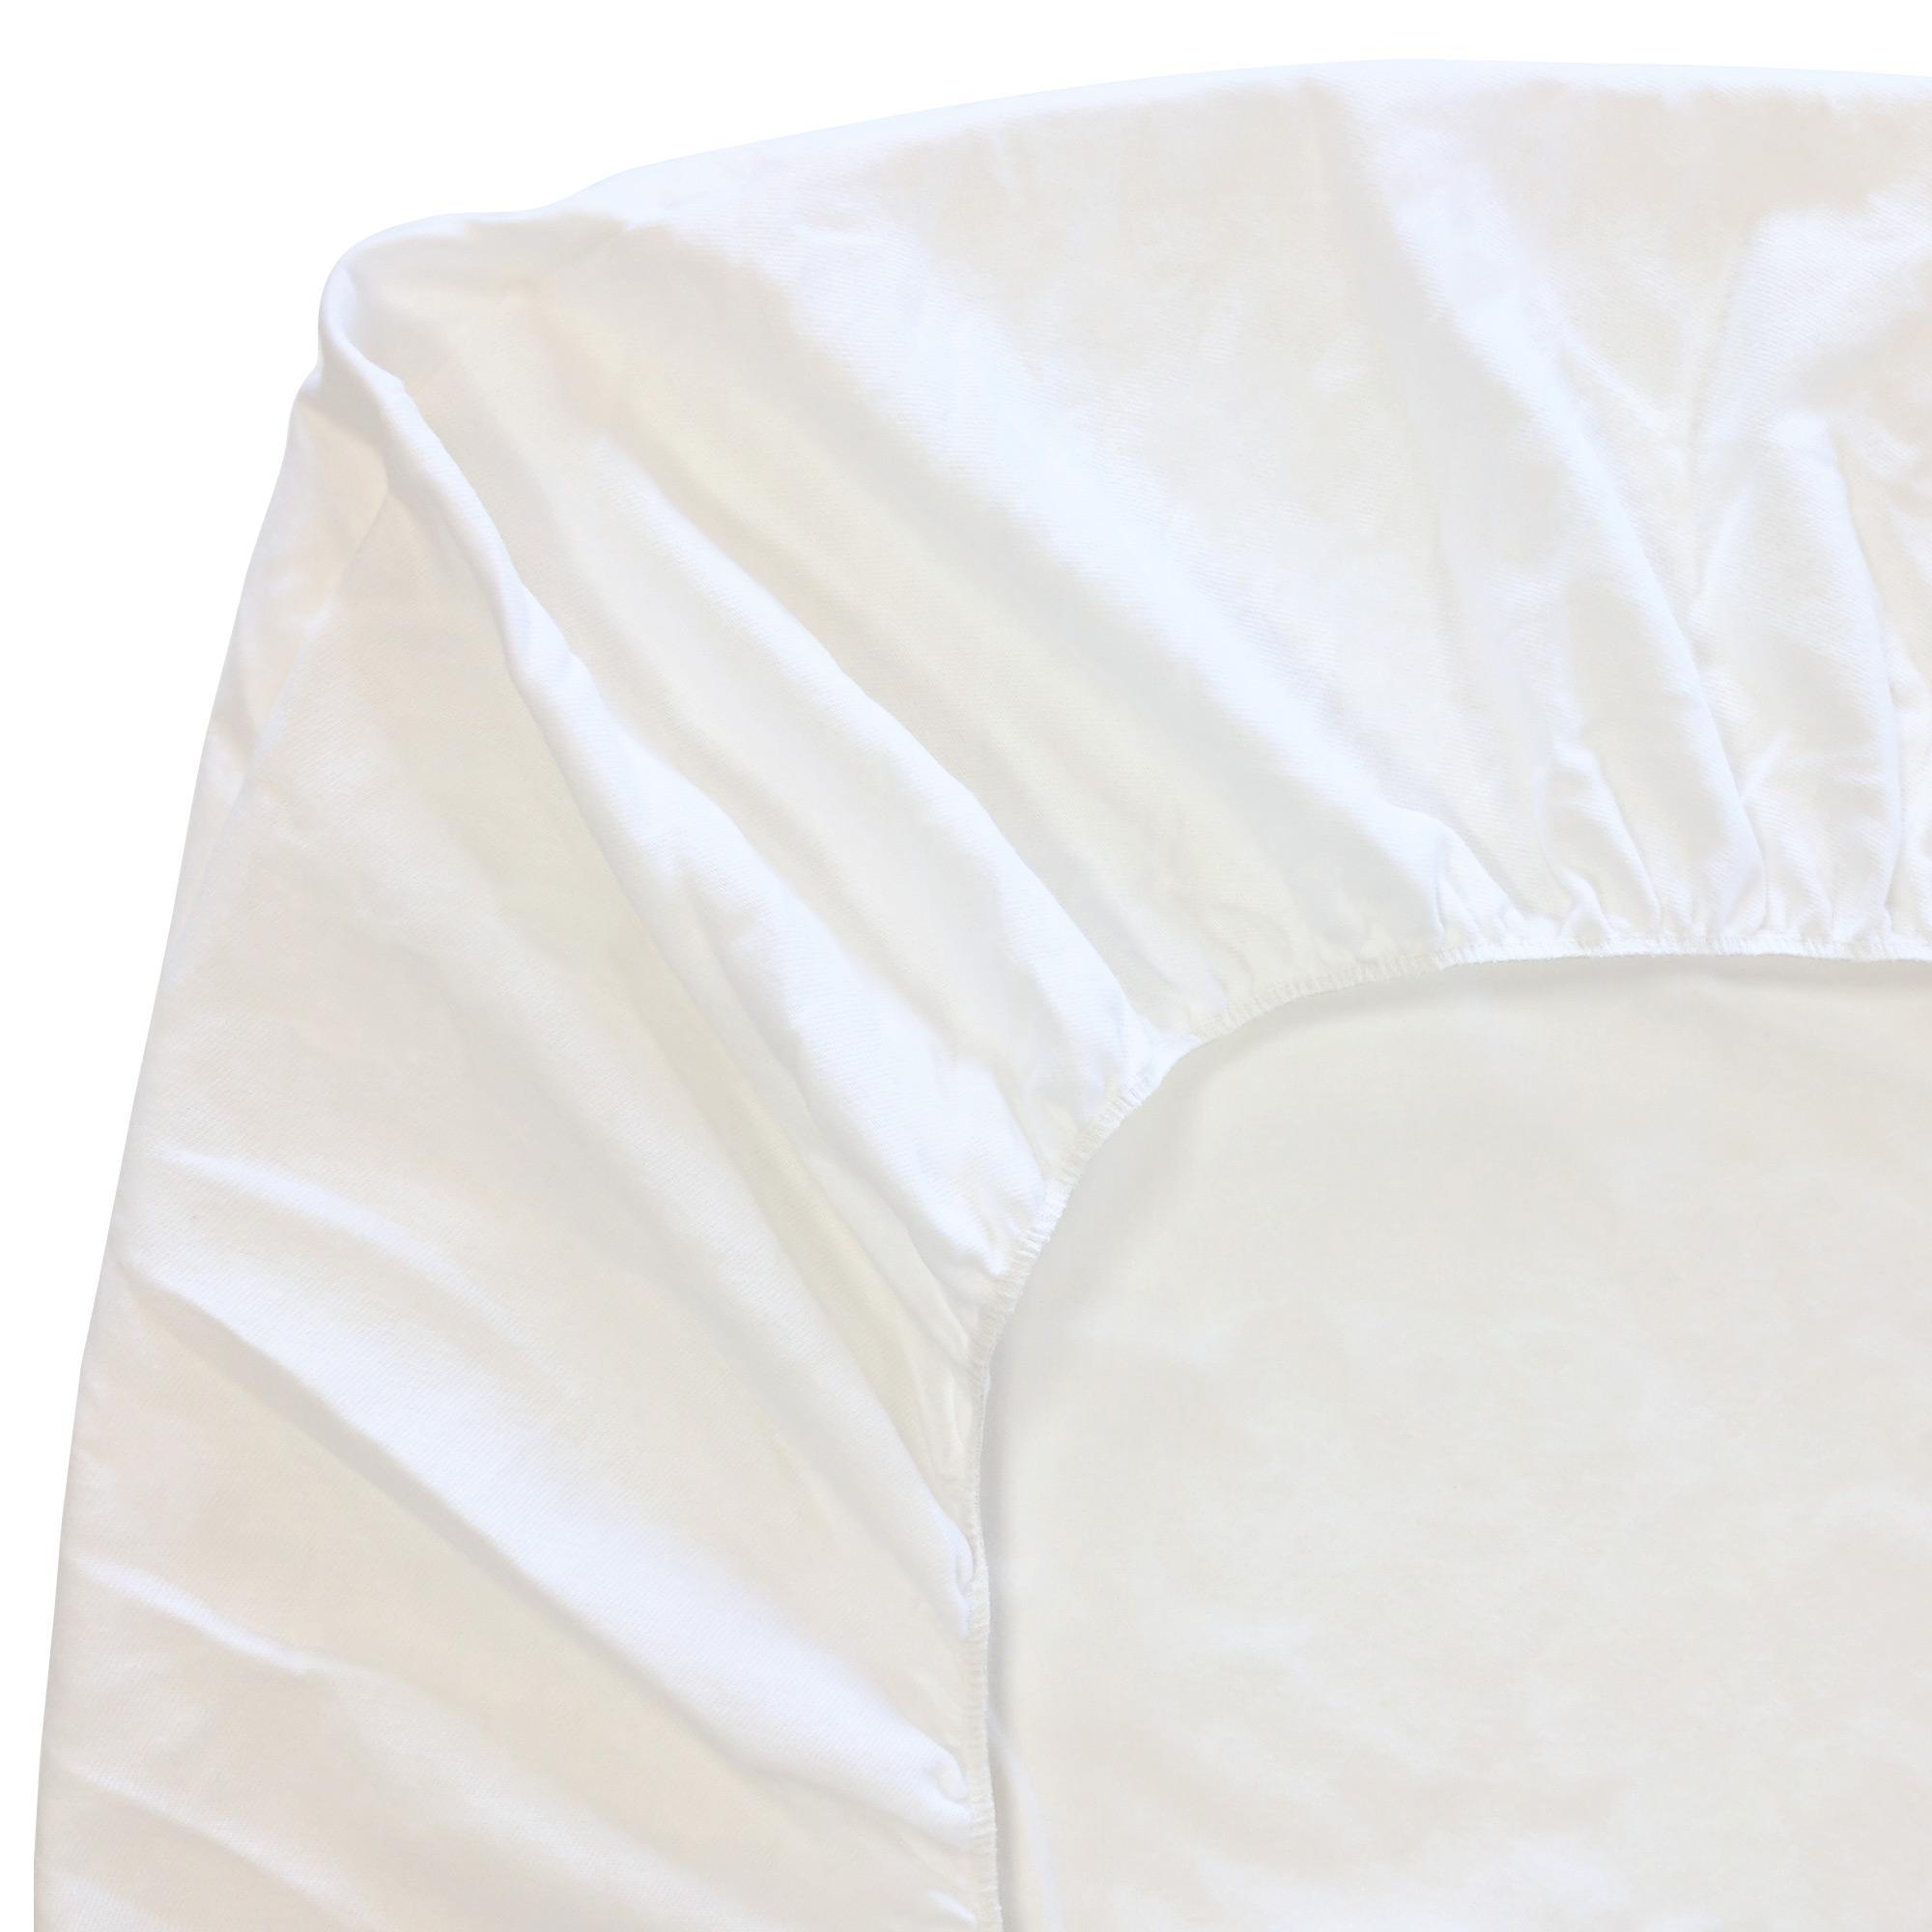 prot ge matelas 110x190 cm achua molleton 100 coton 400 g m2 bonnet 30cm linnea vente de. Black Bedroom Furniture Sets. Home Design Ideas